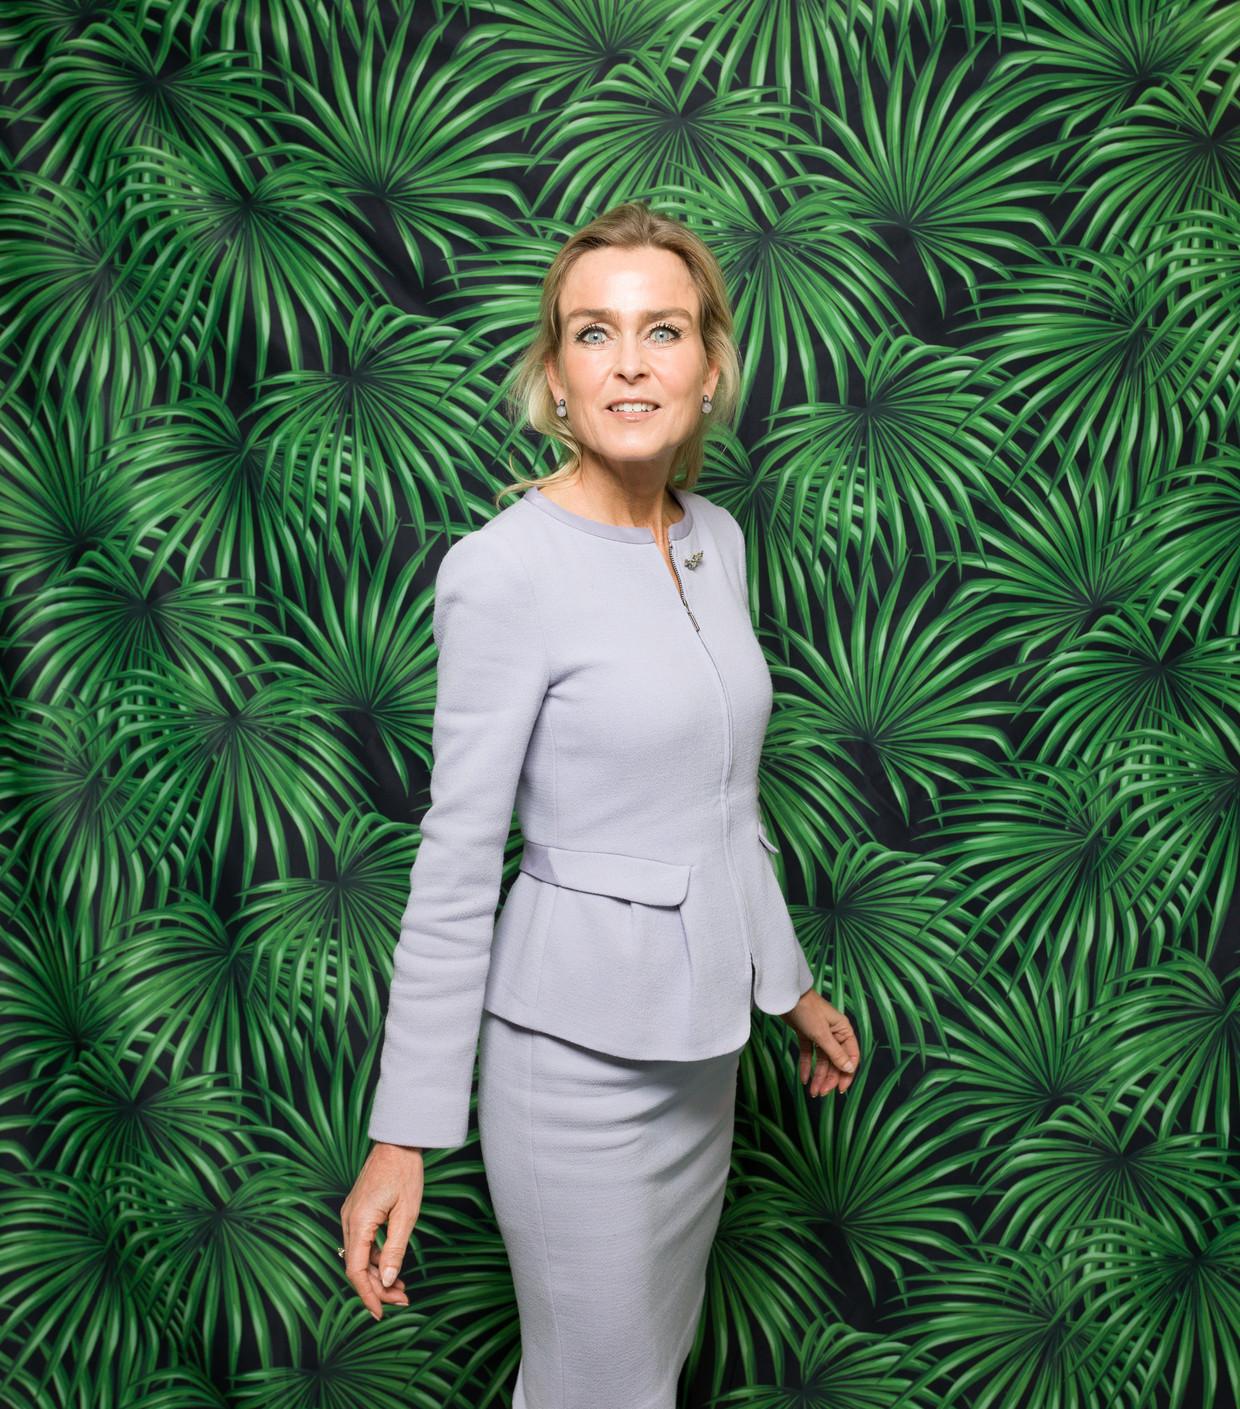 Barbara Baarsma:  'Ik blijf een voorstander van vrijhandel. Wel moet er een beter evenwicht komen tussen internationaal en lokaal.' Beeld Ivo van der Bent